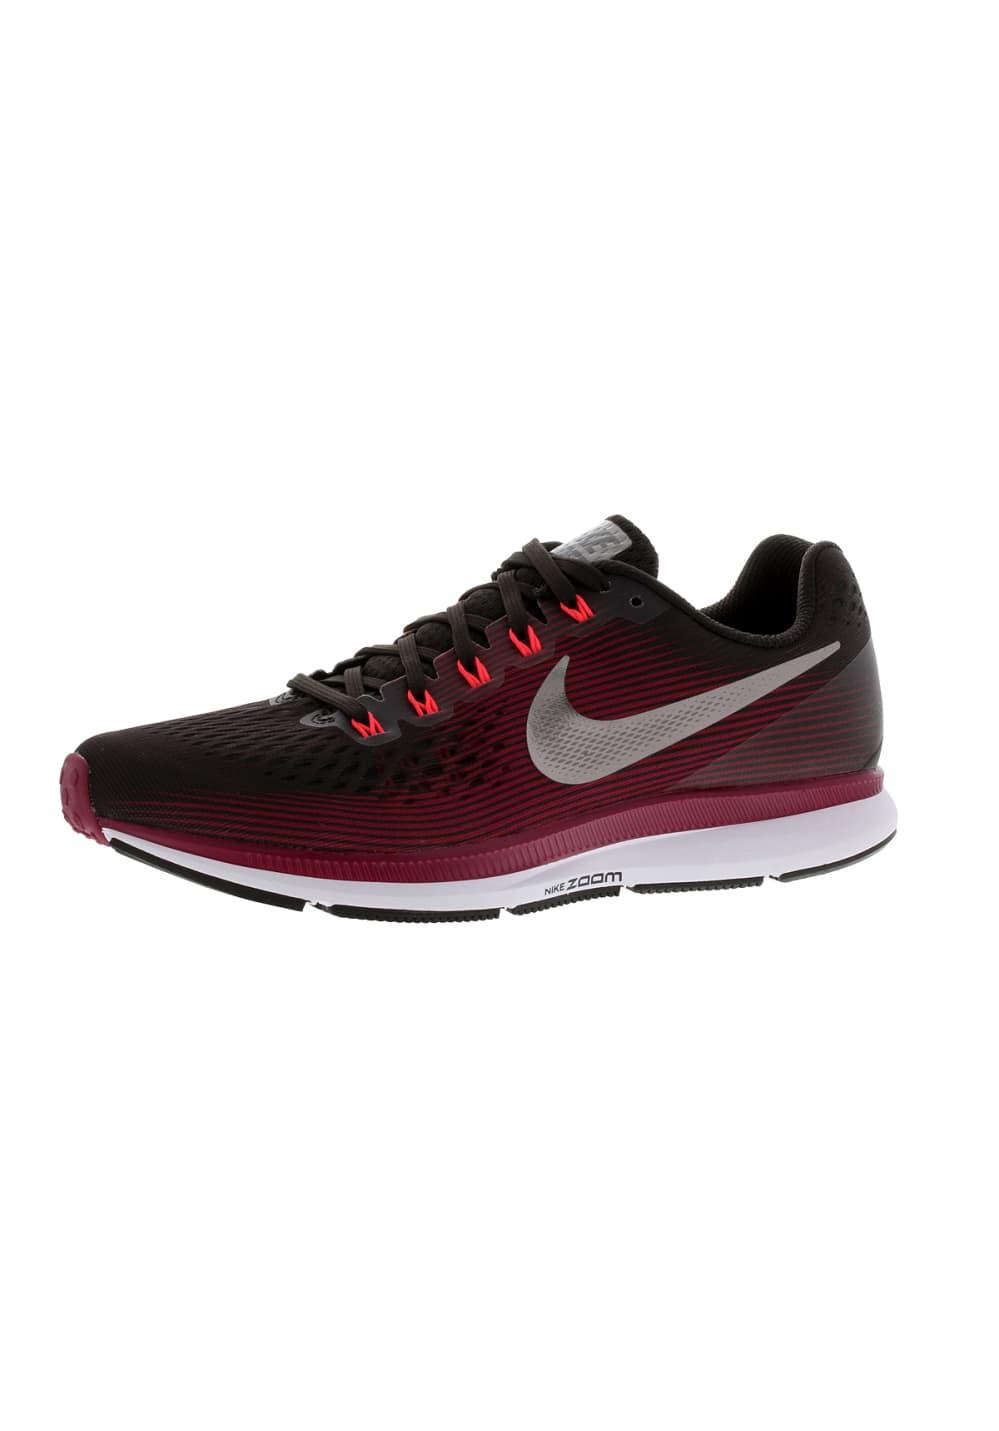 Nike Air Zoom Pegasus 34 (Gem) - Laufschuhe für Damen - Schwarz